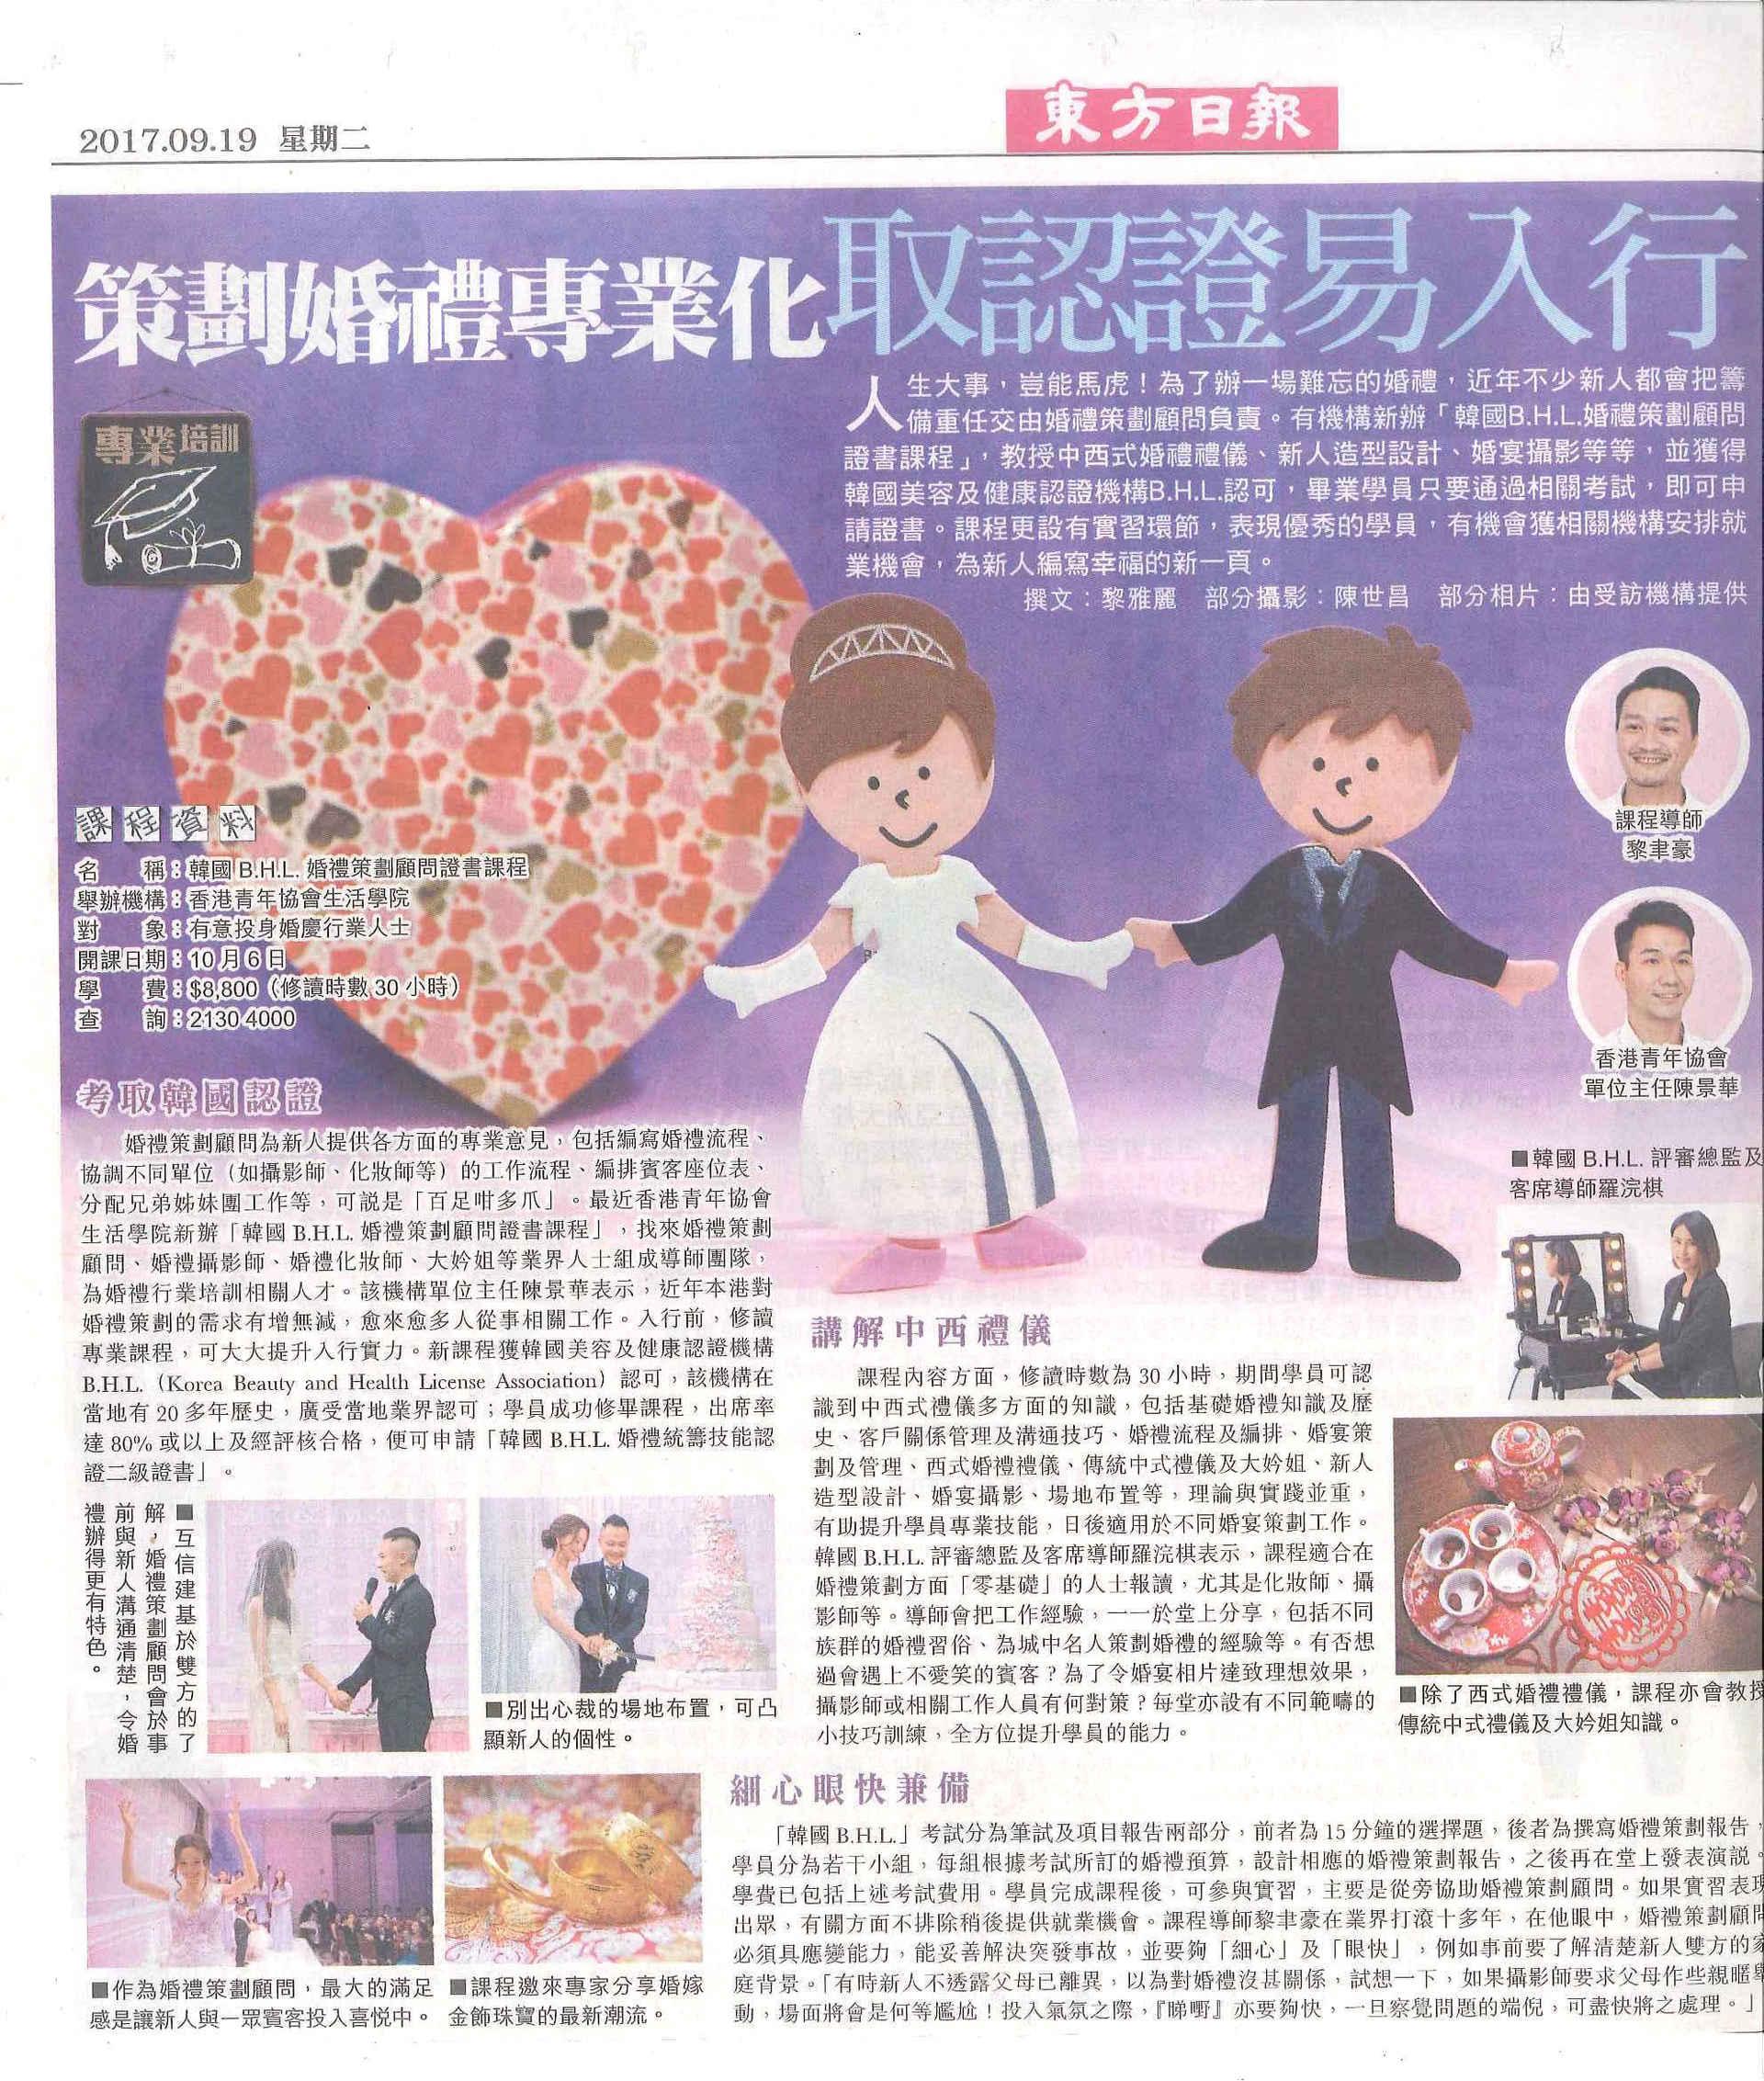 20170919_東方日報_韓國B.H.L.婚禮策劃顧問證書課程